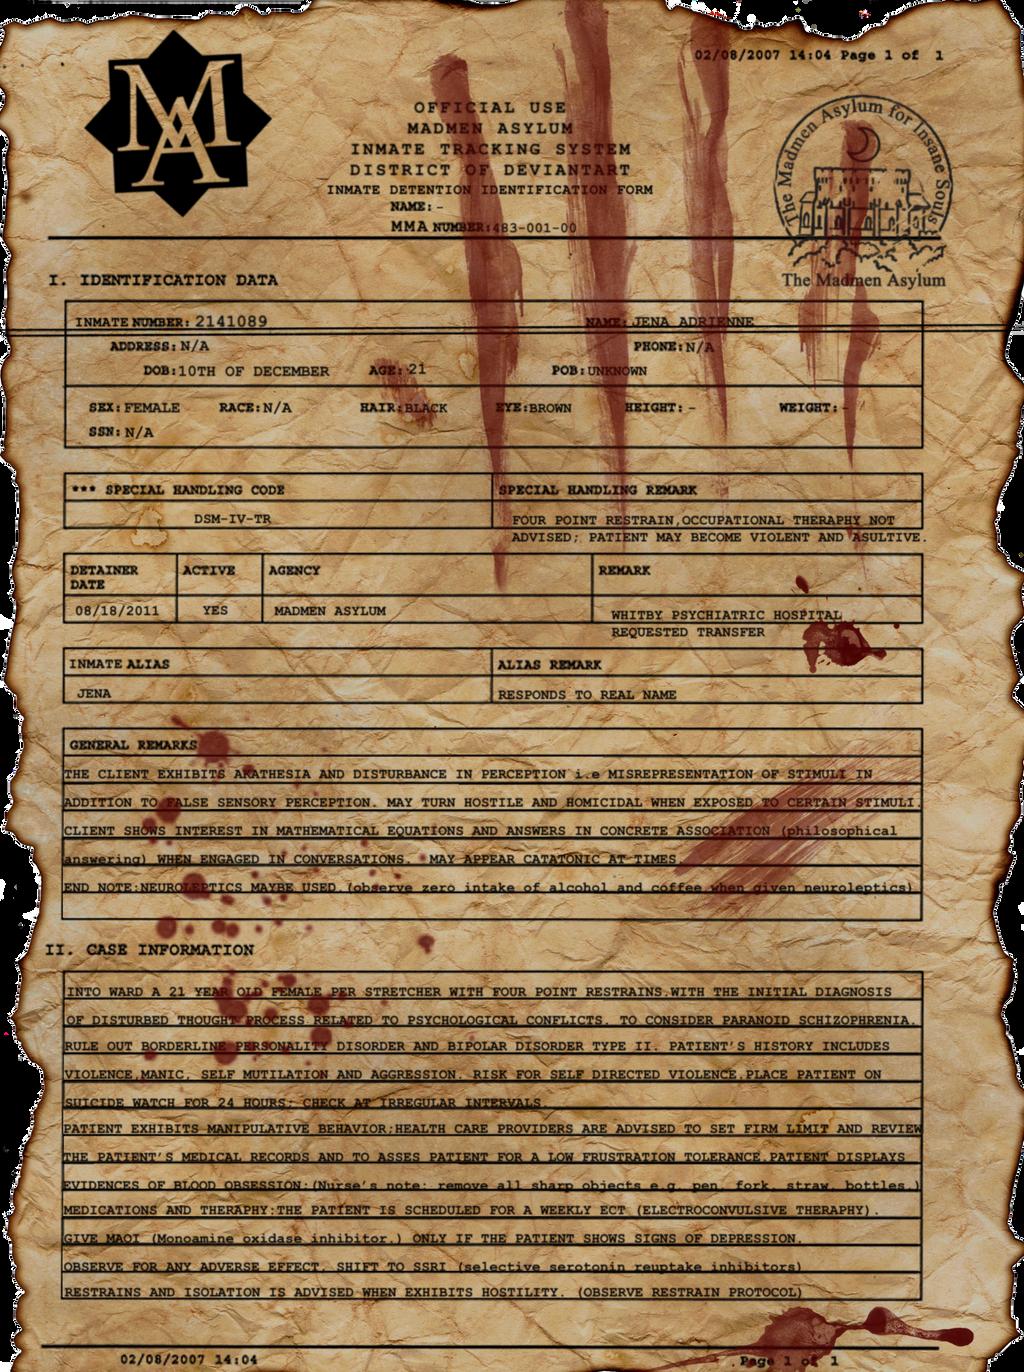 Asylum Registration Form by misz-kaulitz